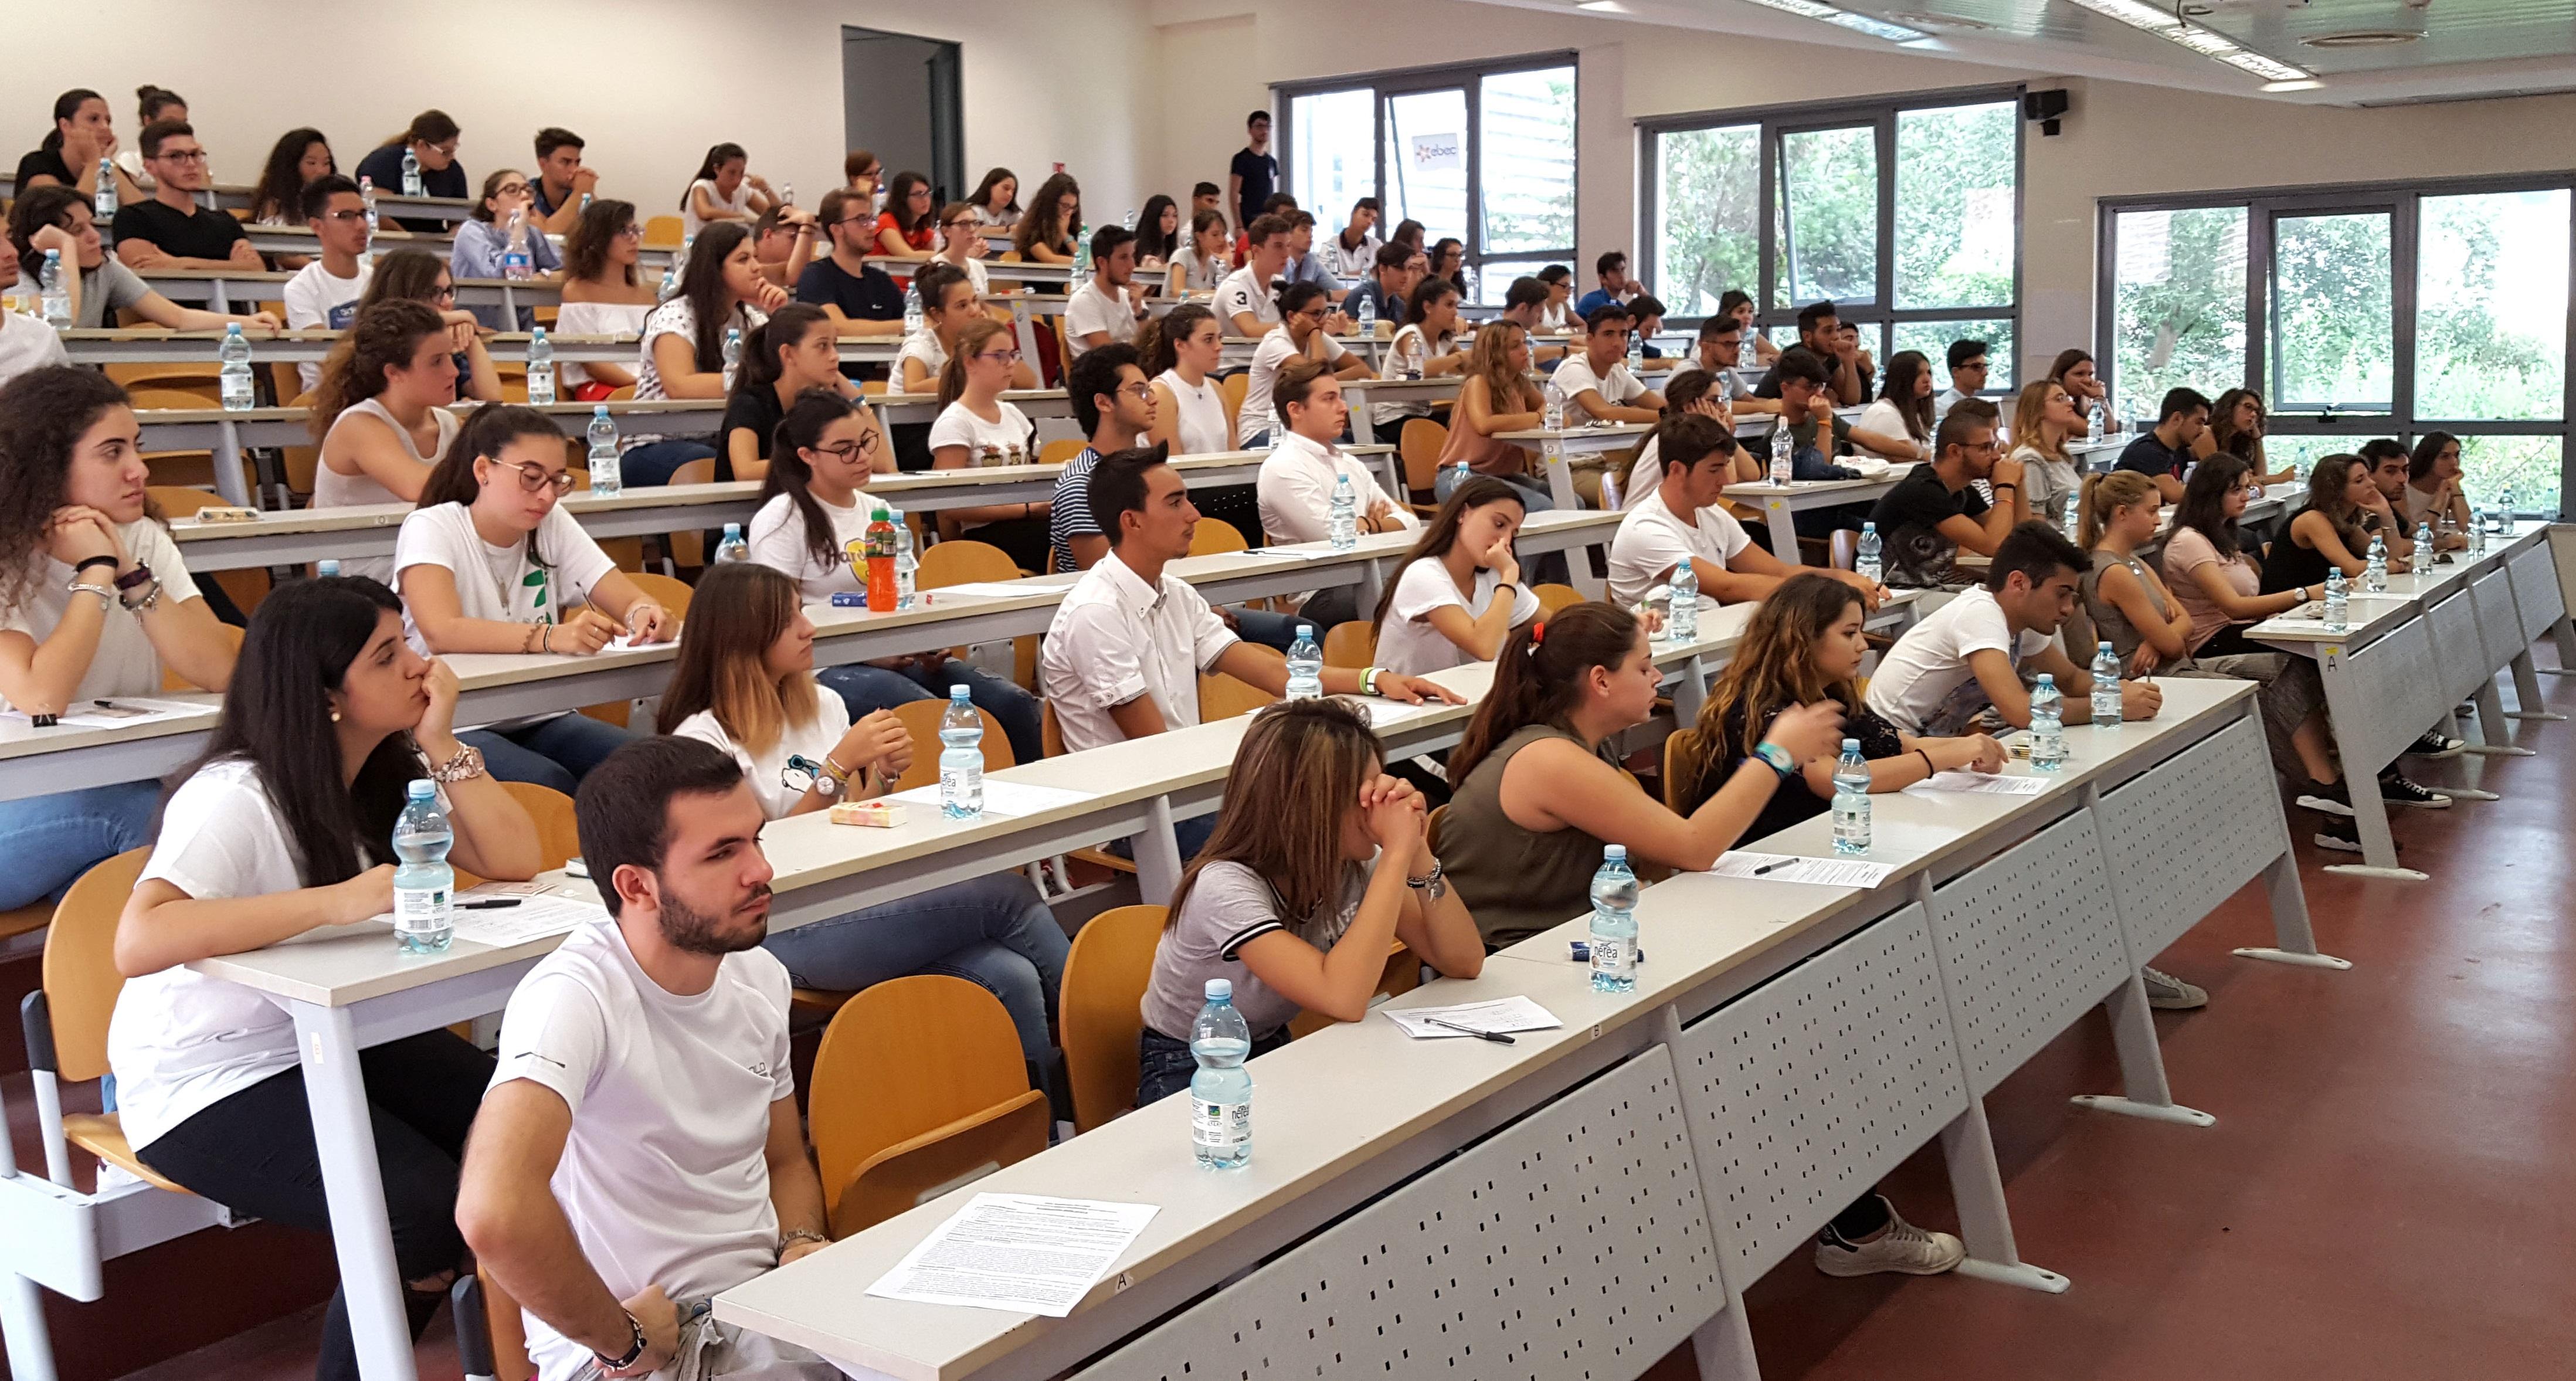 Coronavirus, l'Università sospende le lezioni fino al 9 marzo